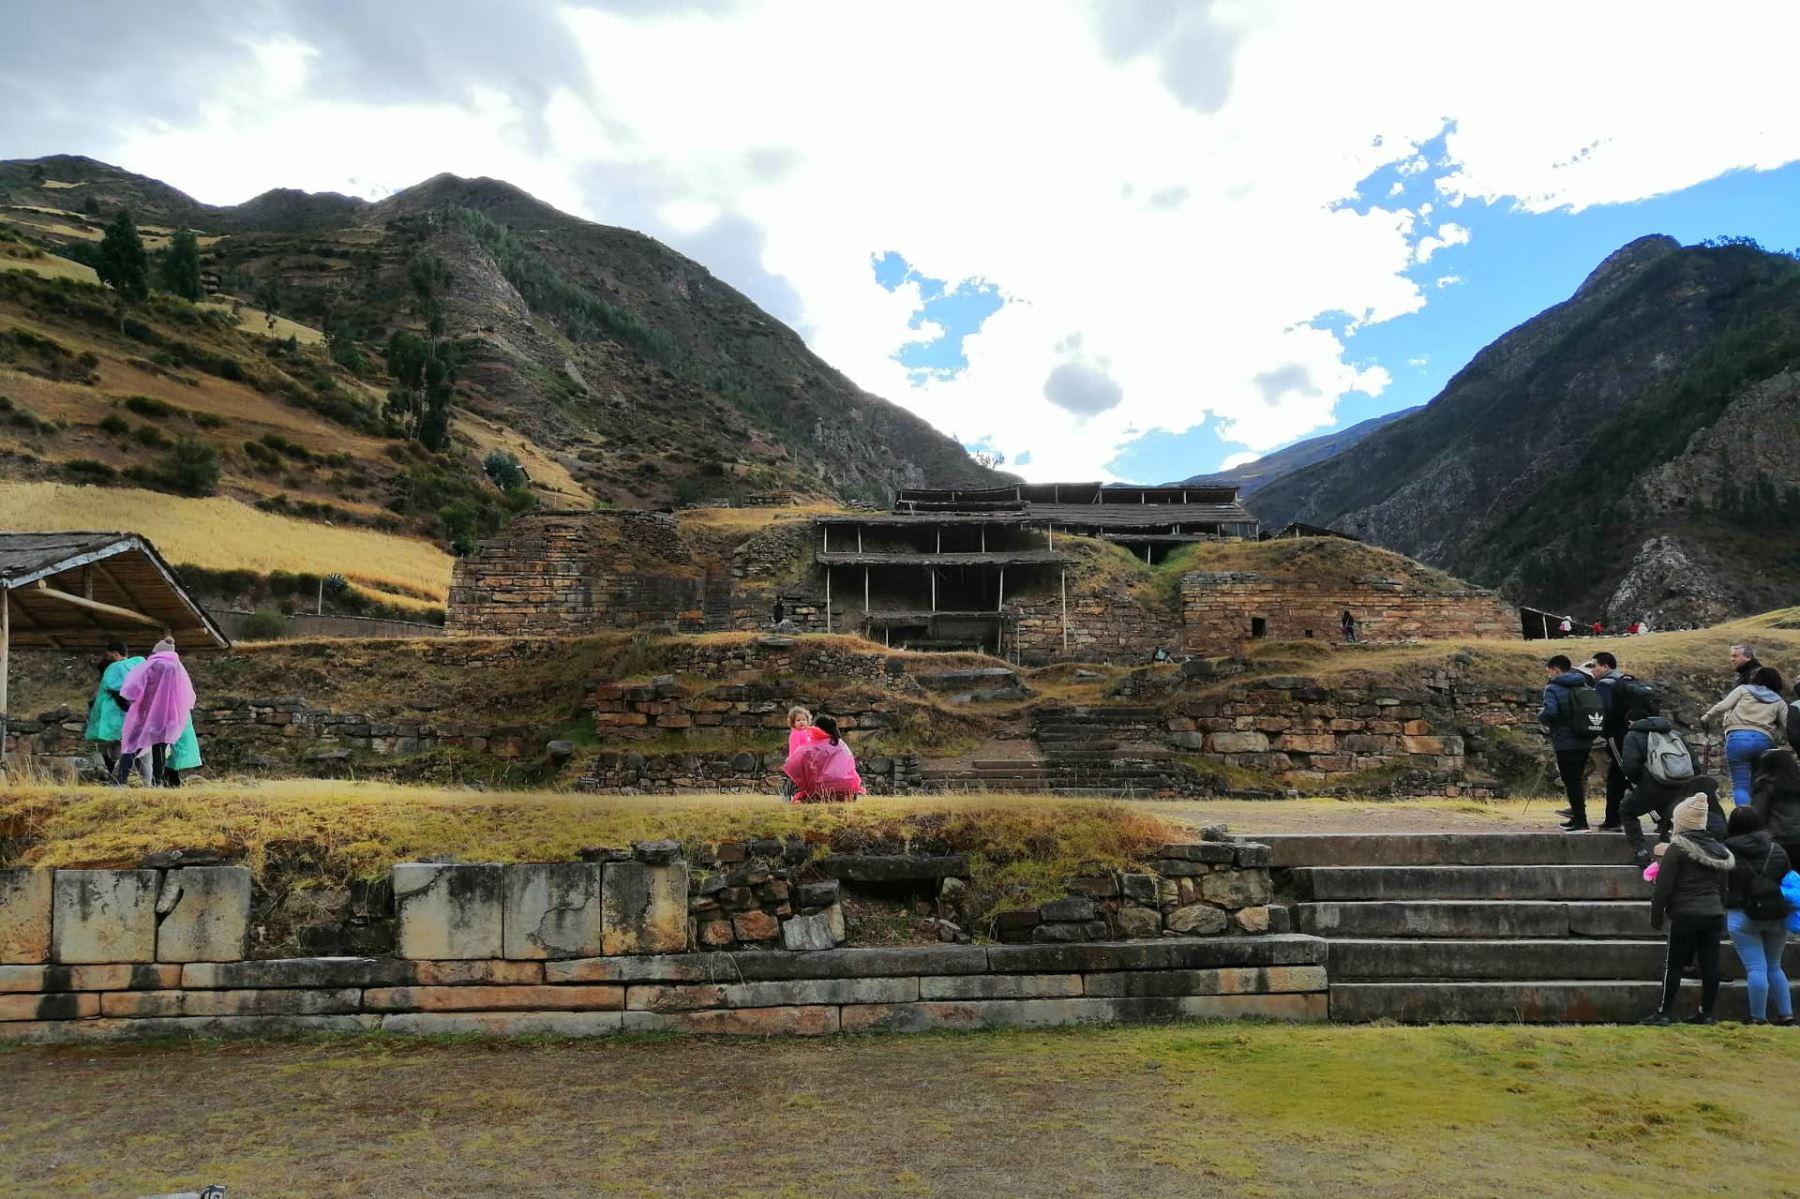 Monumento Arqueológico Chavín reabre sus puertas este domingo 6 de diciembre